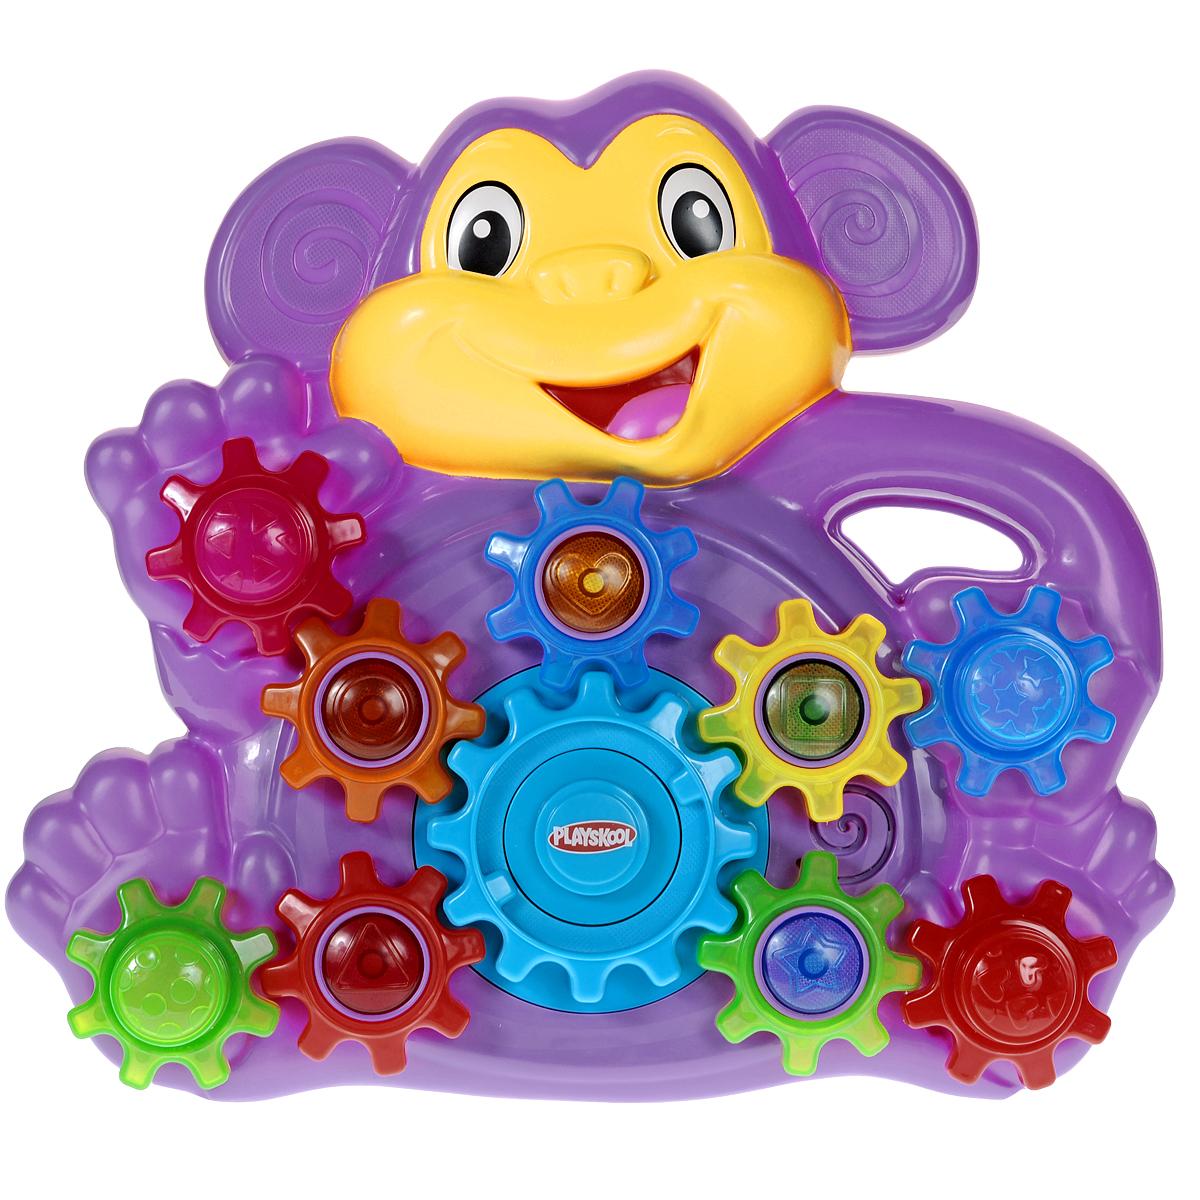 Playskool Развивающая игрушка Озорная обезьянкаA7390EU40Развивающая игрушка Playskool Озорная обезьянка не оставит равнодушным вашего малыша. Игрушка выполнена из безопасного пластика ярких цветов в виде фиолетовой обезьянки и оснащена световыми и звуковыми эффектами. На игрушке расположены шестеренки, приходящие в движение при нажатии кнопки на центральной шестеренке. При этом разными цветами подсвечиваются лампочки внутри шестеренок и раздаются забавные звуки и мелодии. В комплект входят четыре формочки разных цветов, которые малыш сможет надевать на штырьки, расположенные по бокам игрушки. Из формочек также можно построить пирамидку. Игрушка Playskool Озорная обезьянка поможет ребенку развить интеллектуальные способности, а также цветовое и звуковое восприятие, мелкую моторику рук и координацию движений. Рекомендуется докупить 3 батарейки напряжением 1,5V типа АА (товар комплектуется демонстрационными).